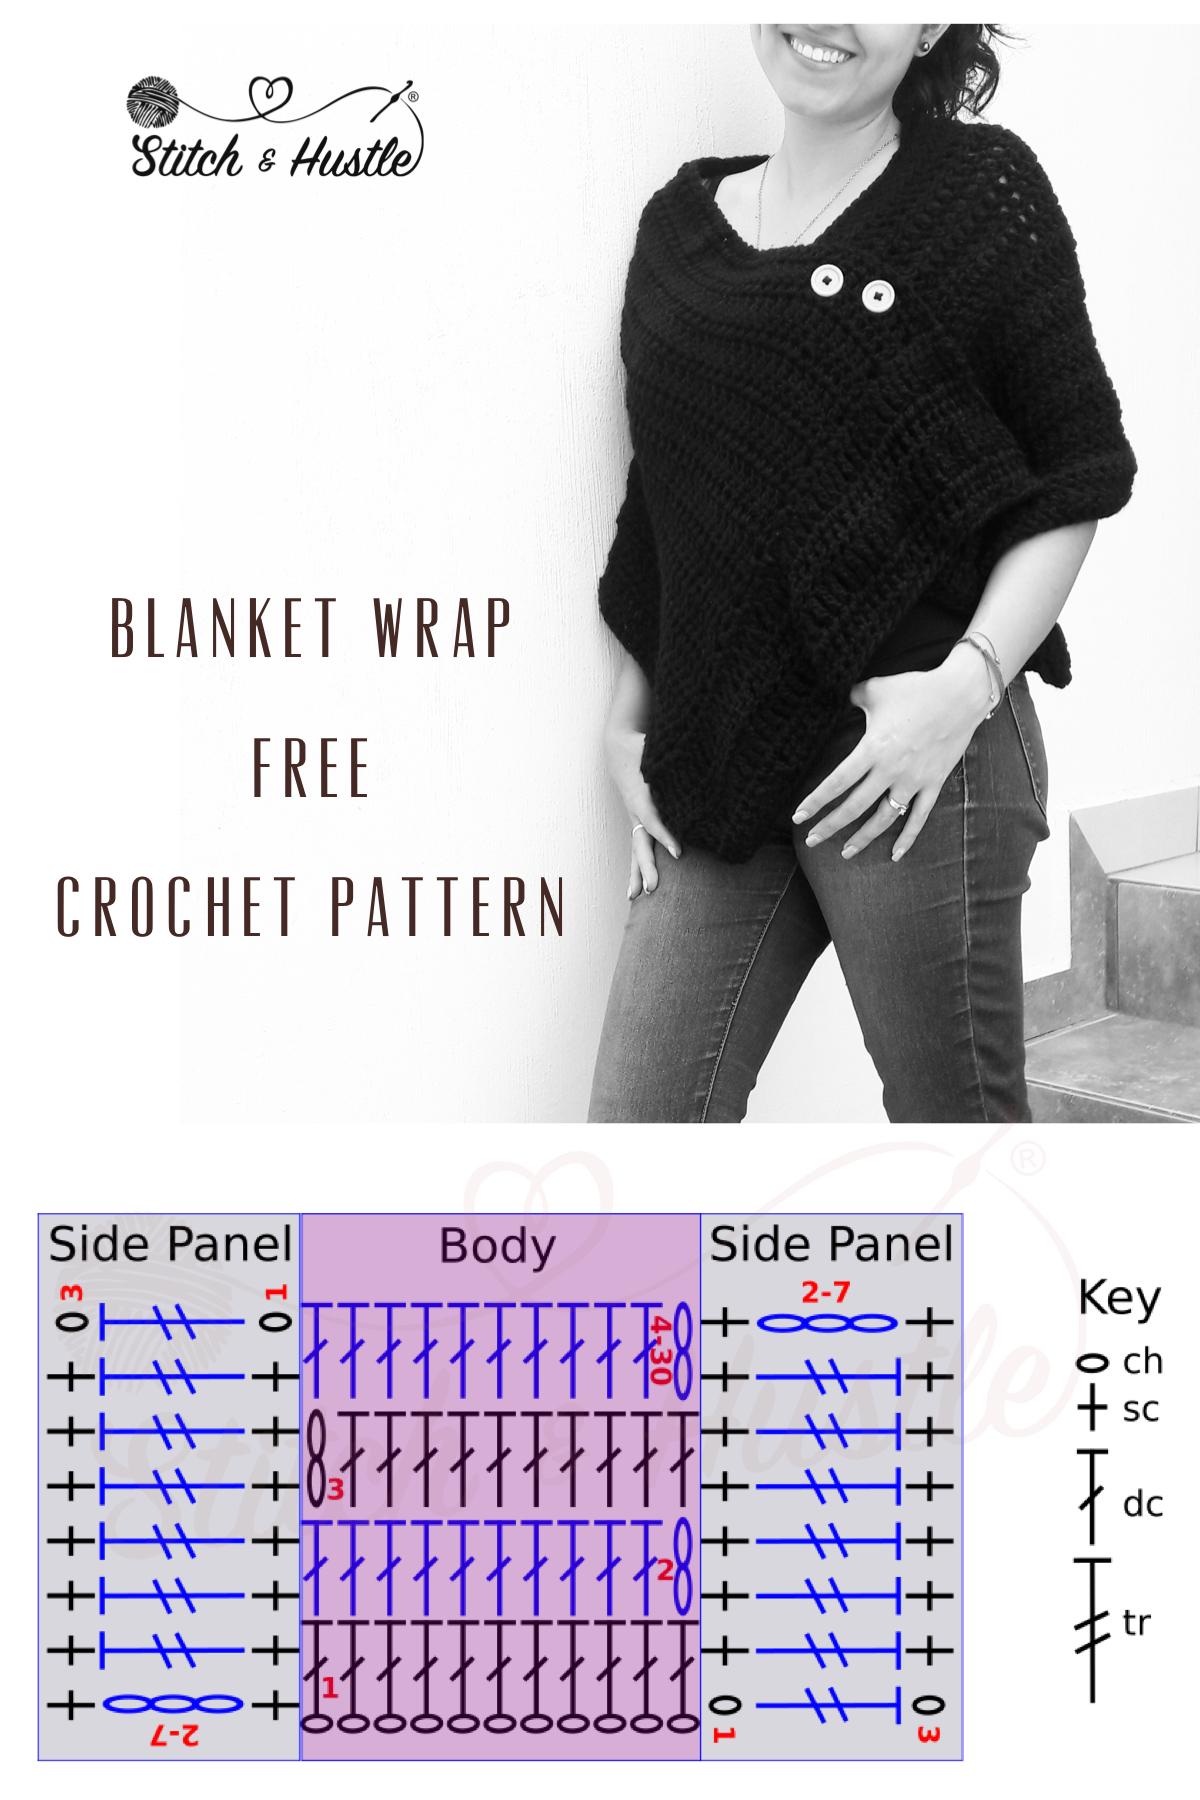 blanket_wrap_free_crochet_pattern_14 copy.jpg